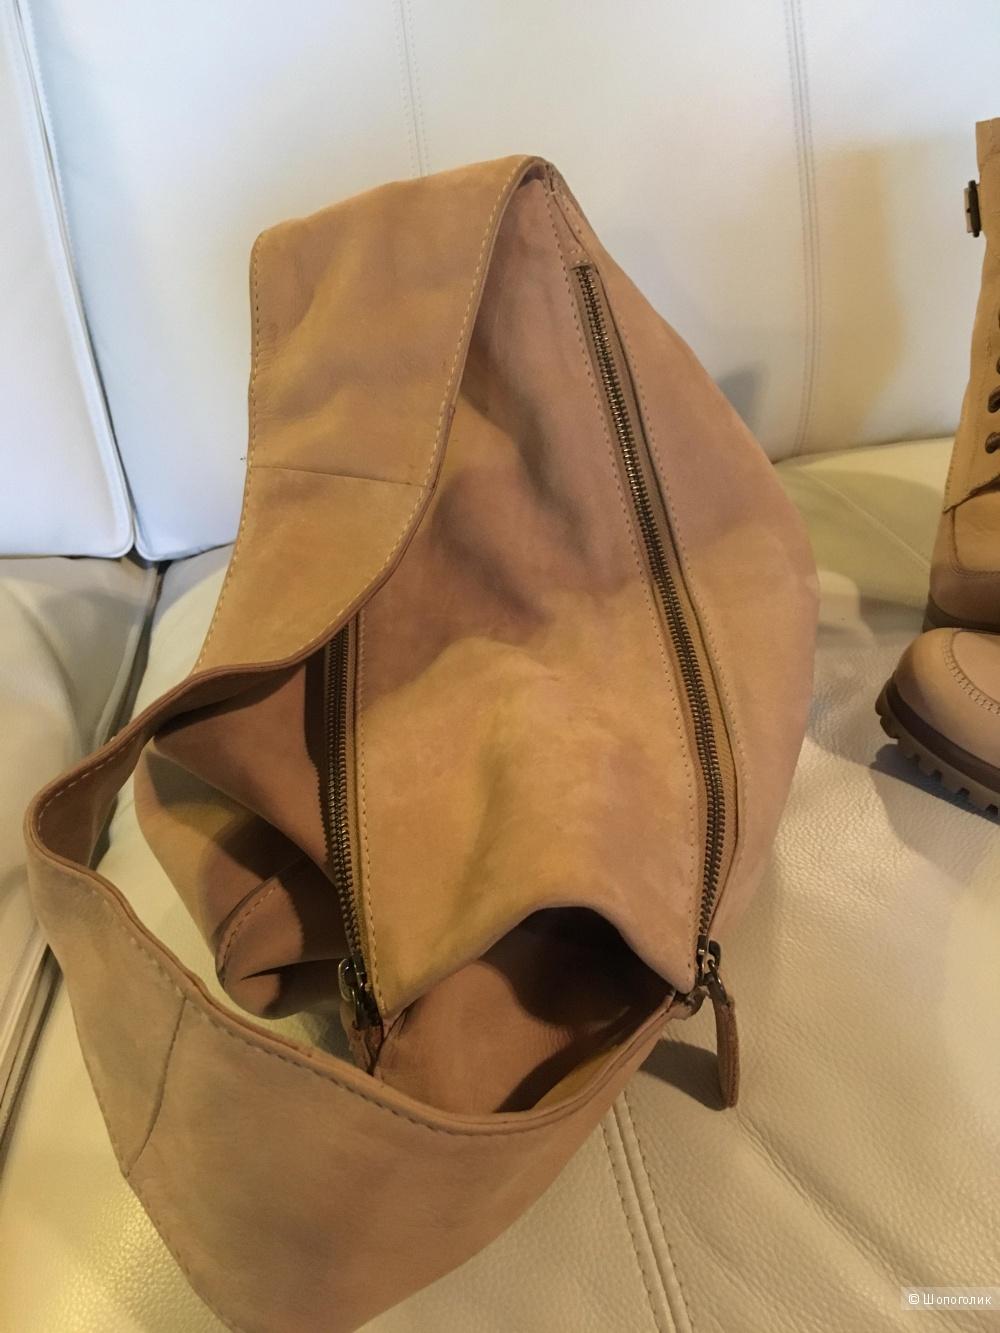 Комплект из трёх предметов- сумка Global, ботильоны Aldo 36 размер, ремень.